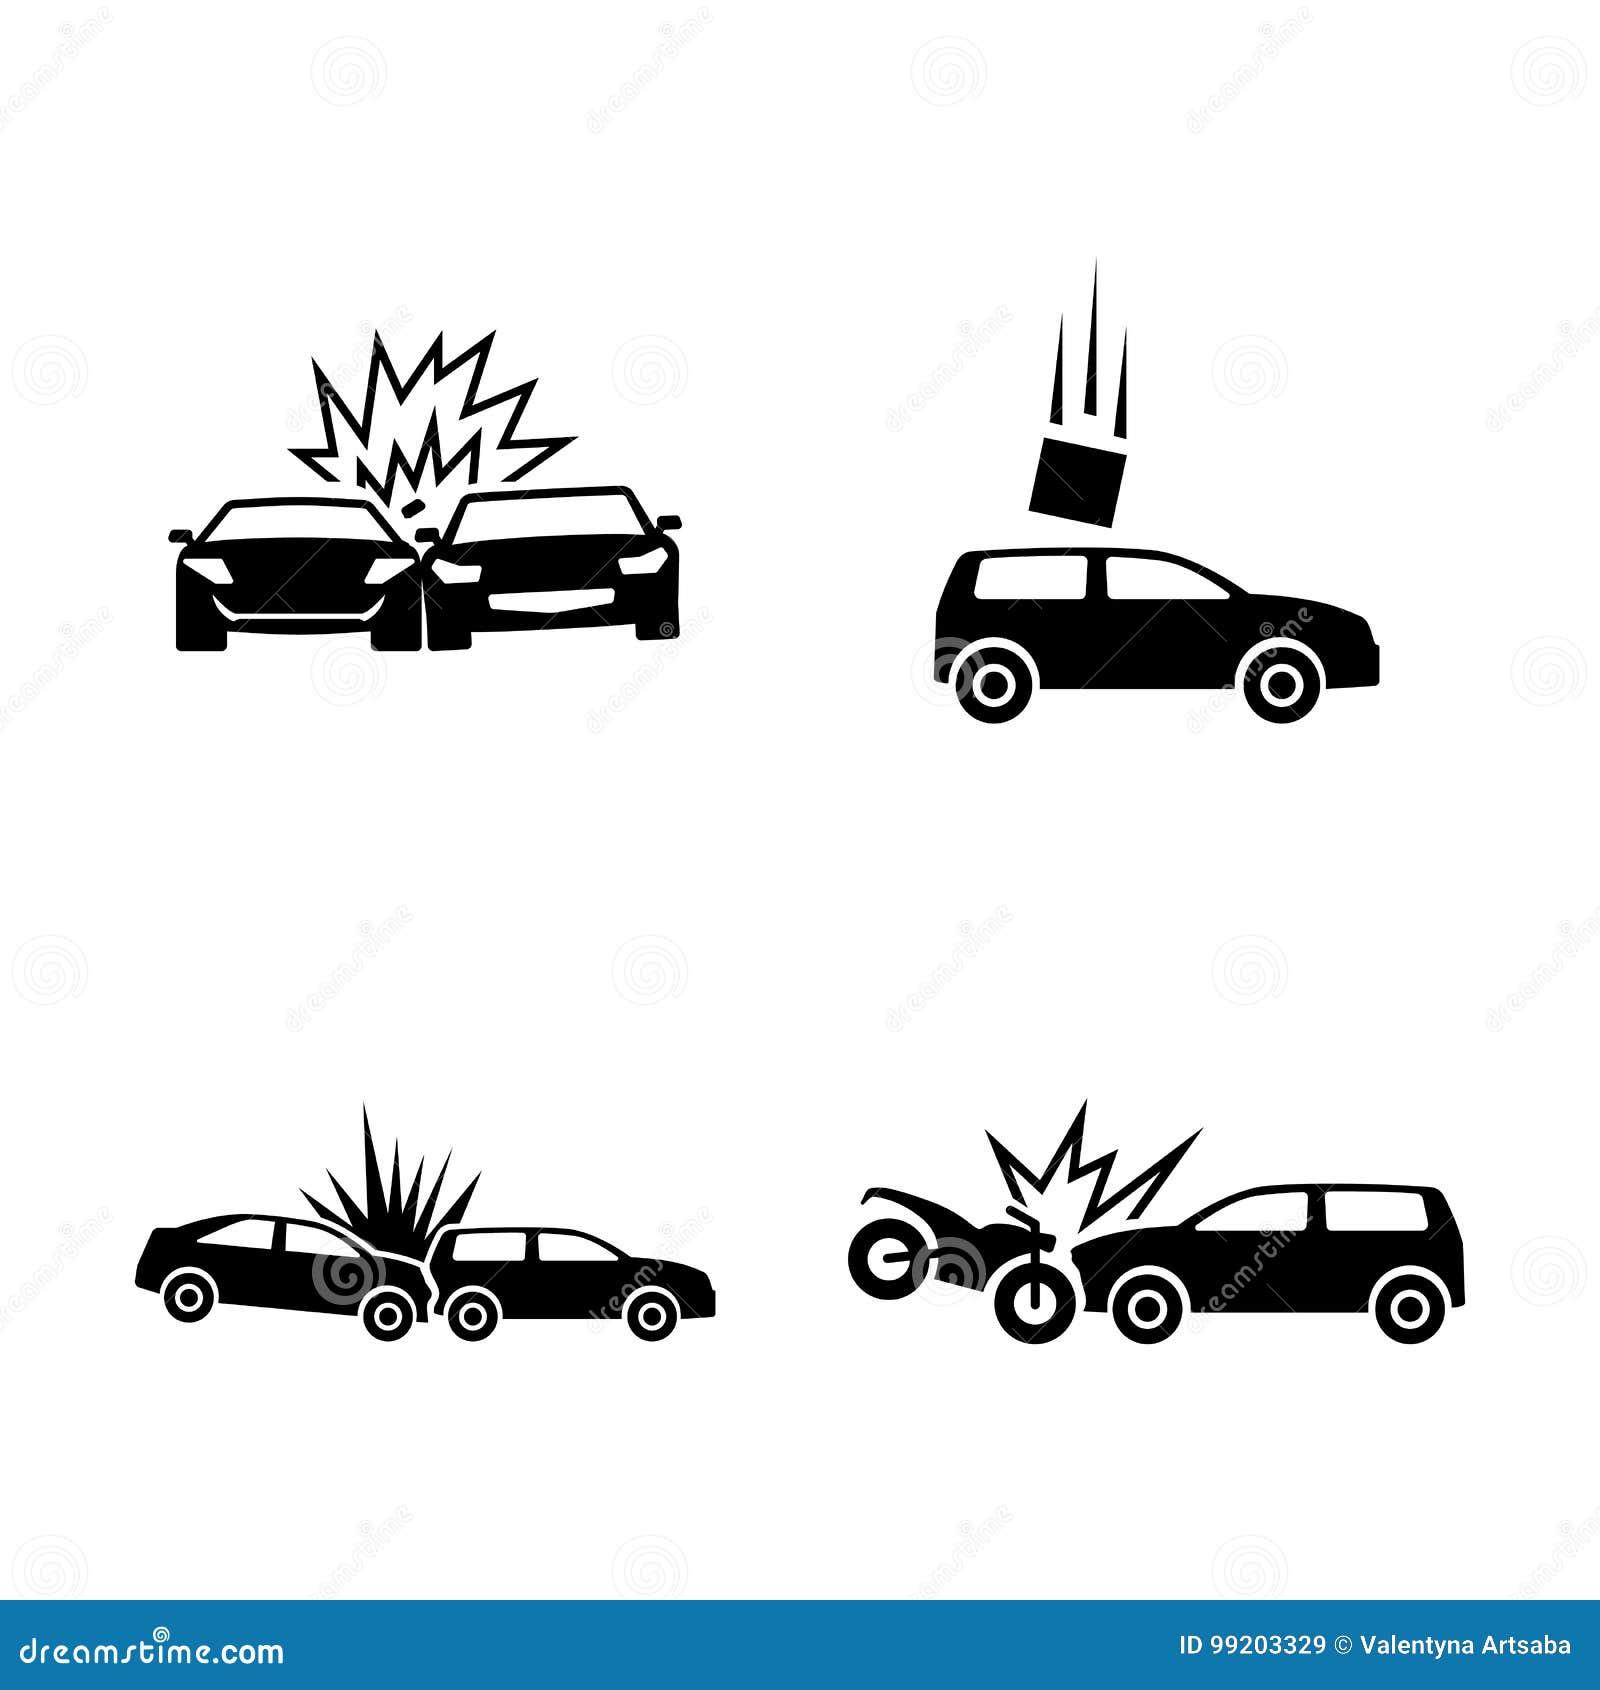 Samochodowy samochodów karambolu trzask wielki autostrada zamrażającą prędkość Proste Powiązane Wektorowe ikony